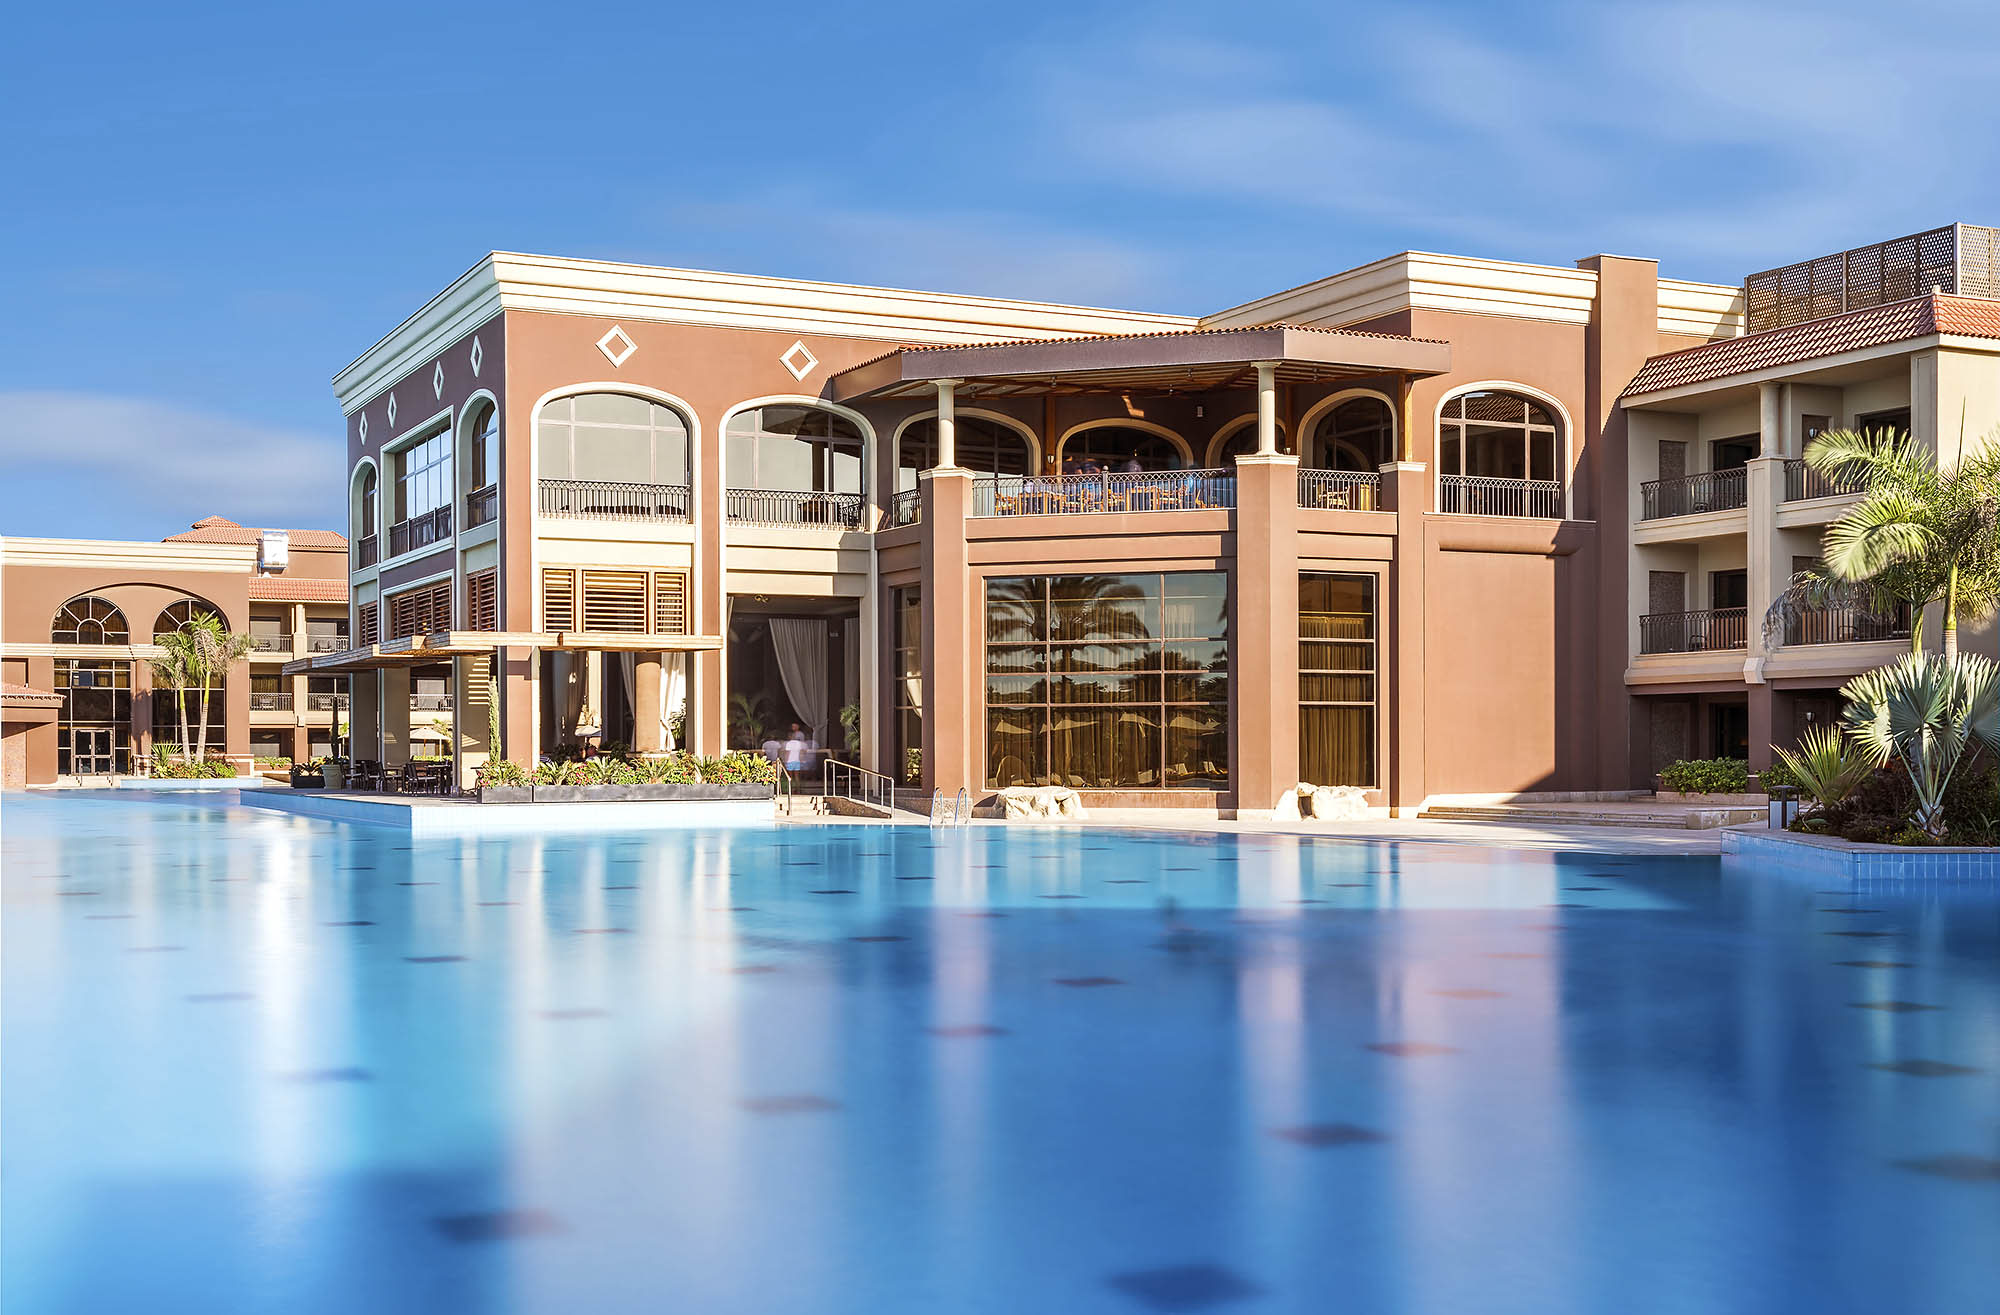 Hilton Alexandria King's Ranch - Hotel Facade - Mohamed Abdel-Hady Photography